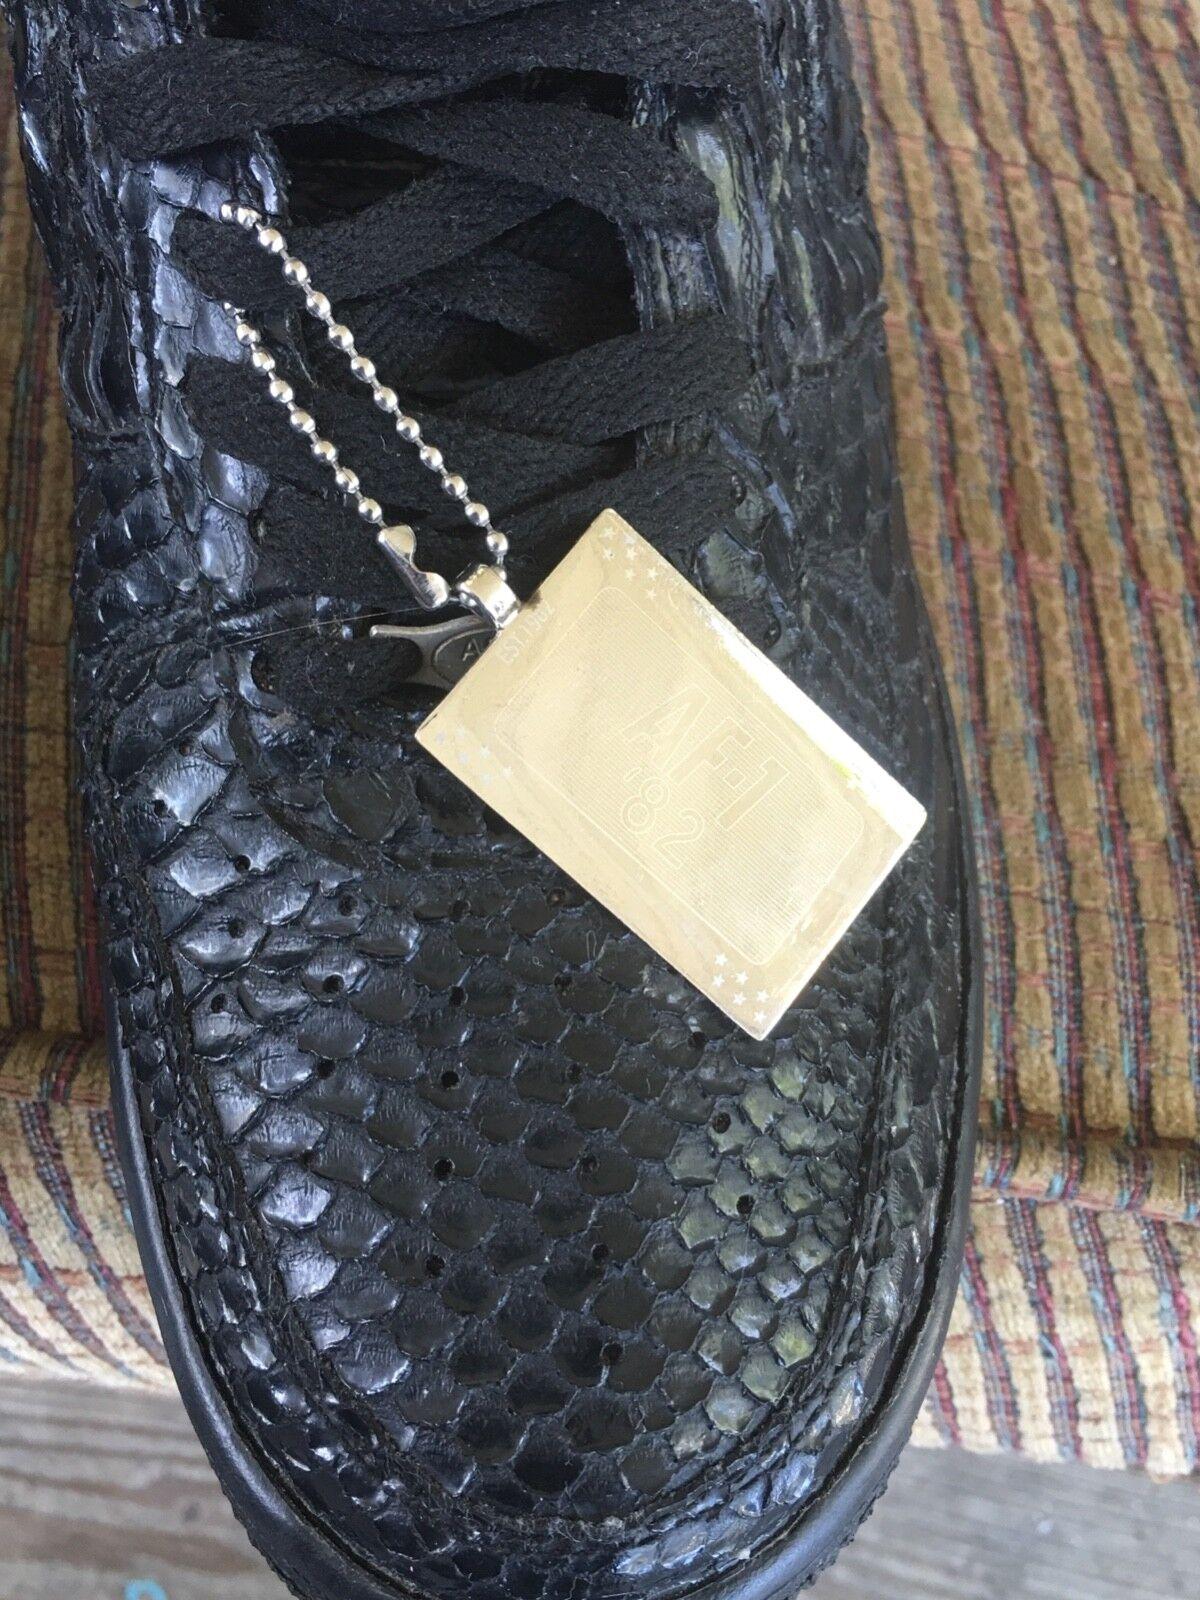 Black crocodile skin air force one size 11.5